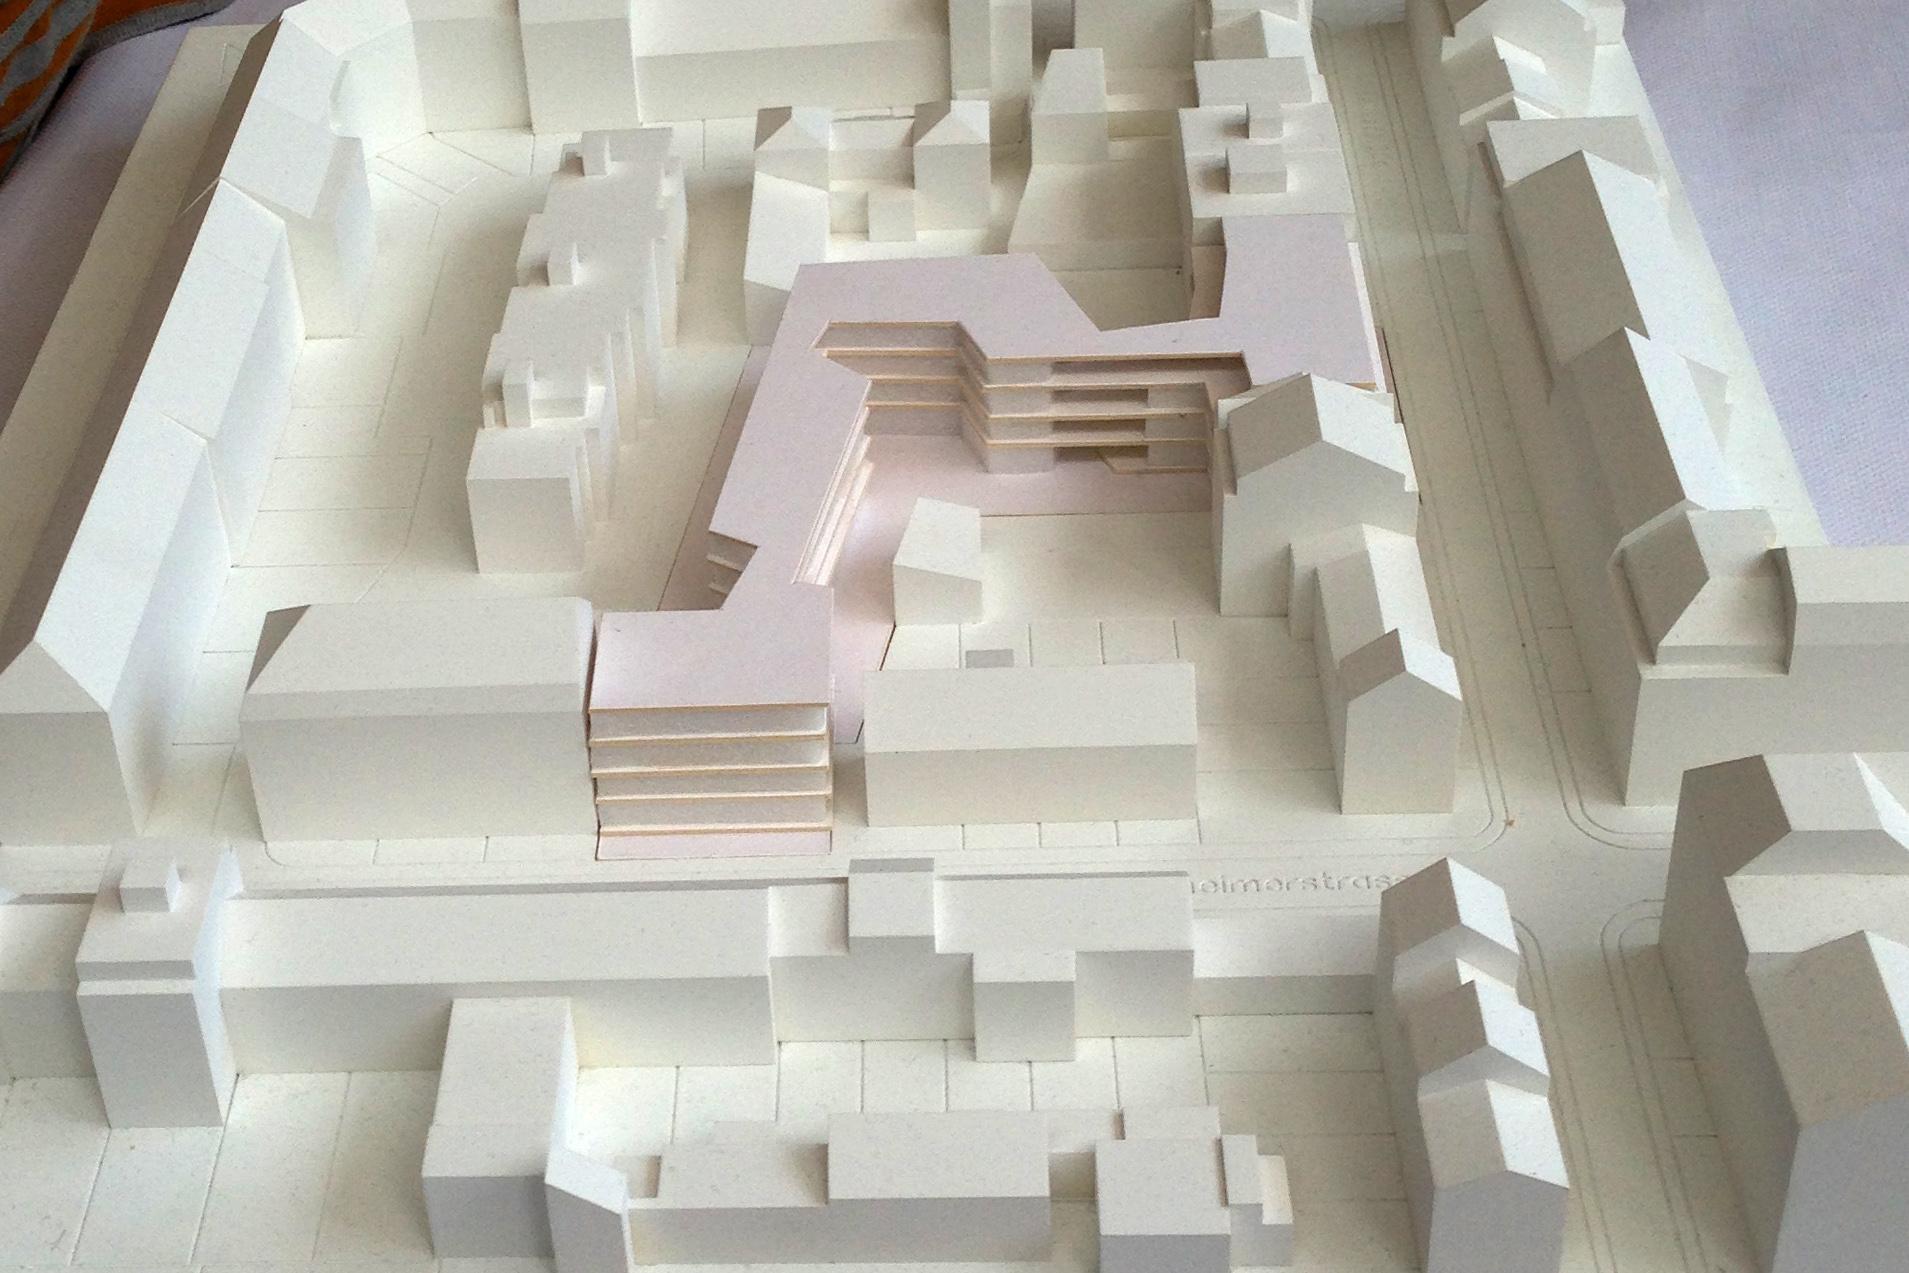 Am Modell lässt sich gut erkennen, wie die neue Überbauung den Hinterhof in zwei teilt.